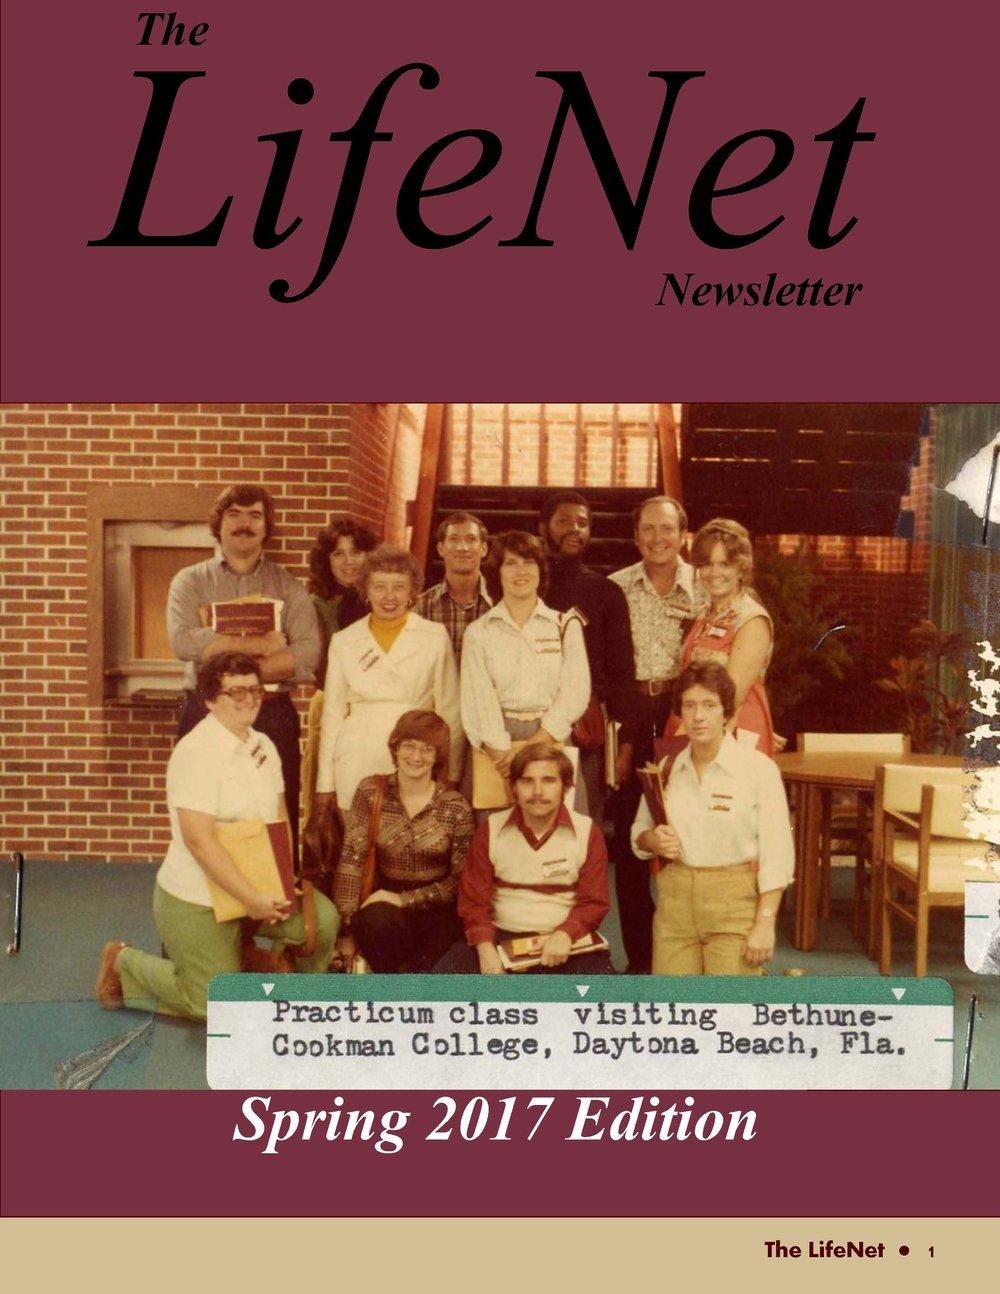 LifeNet Newsletter - Spring 2017